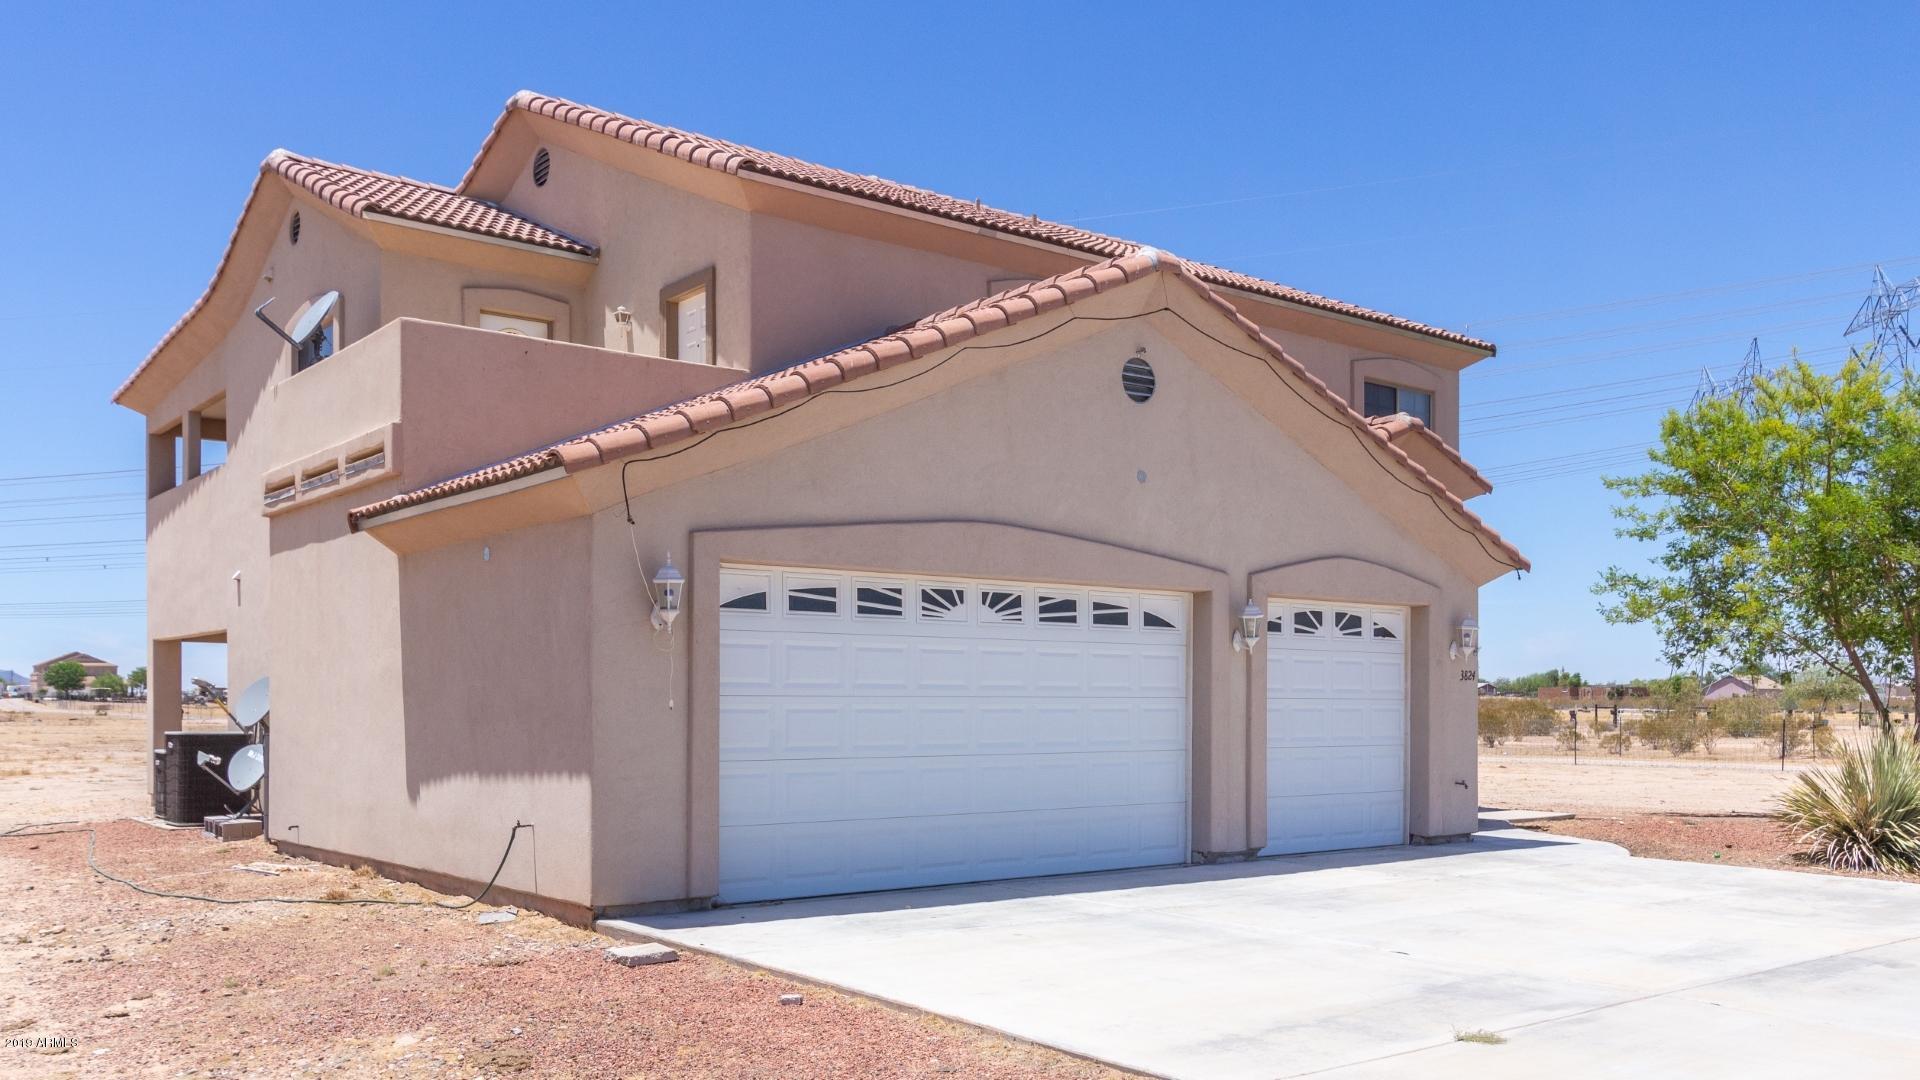 MLS 5947957 3824 S 339TH Avenue, Tonopah, AZ 85354 Tonopah